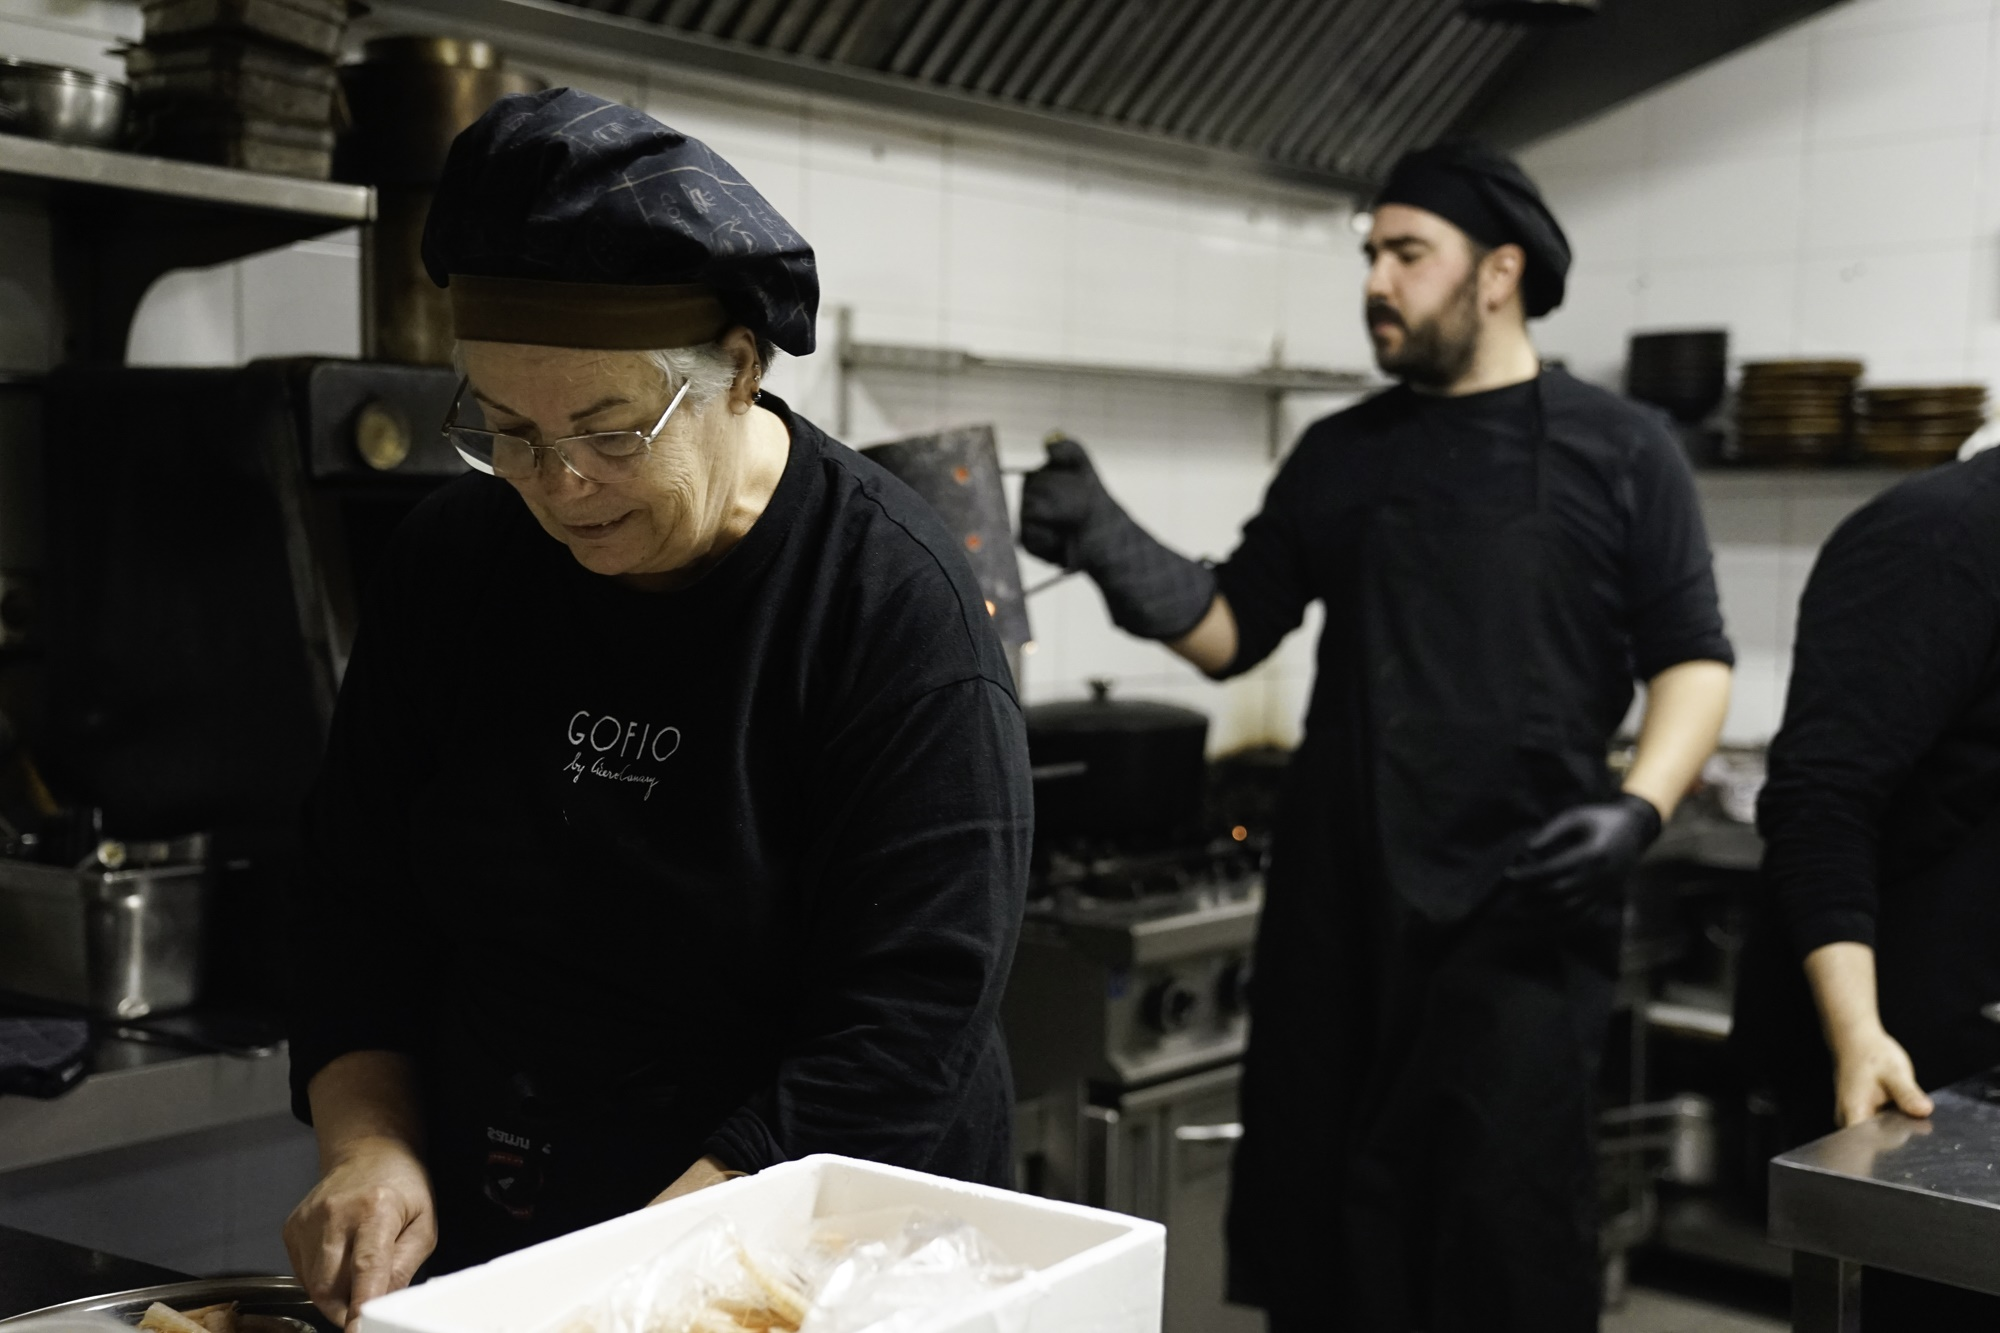 'Gofio' basa su cocina en productos y enfoques puramente canarios con giros novedosos en su cocina.